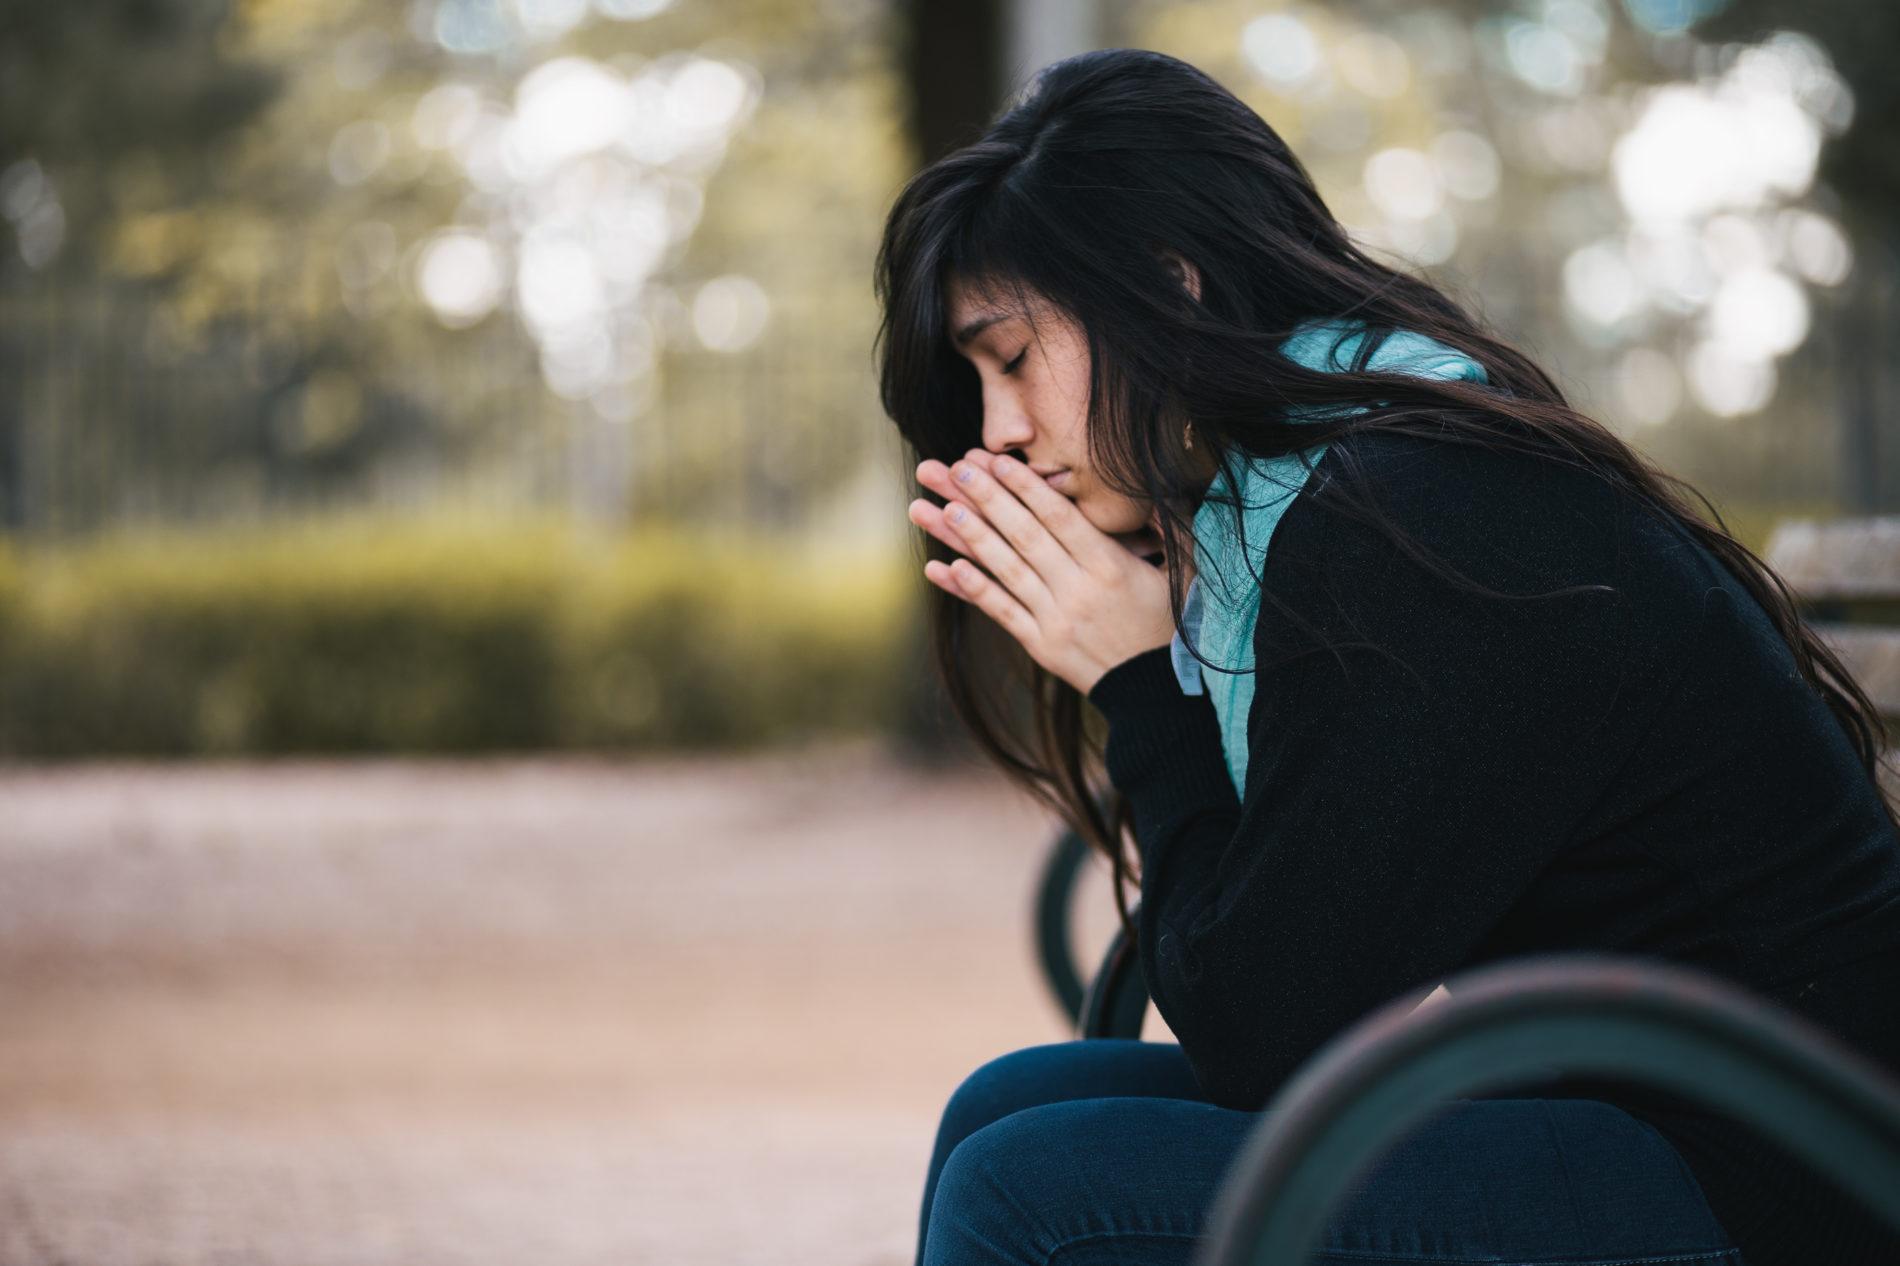 Deus e a questão do sofrimento humano